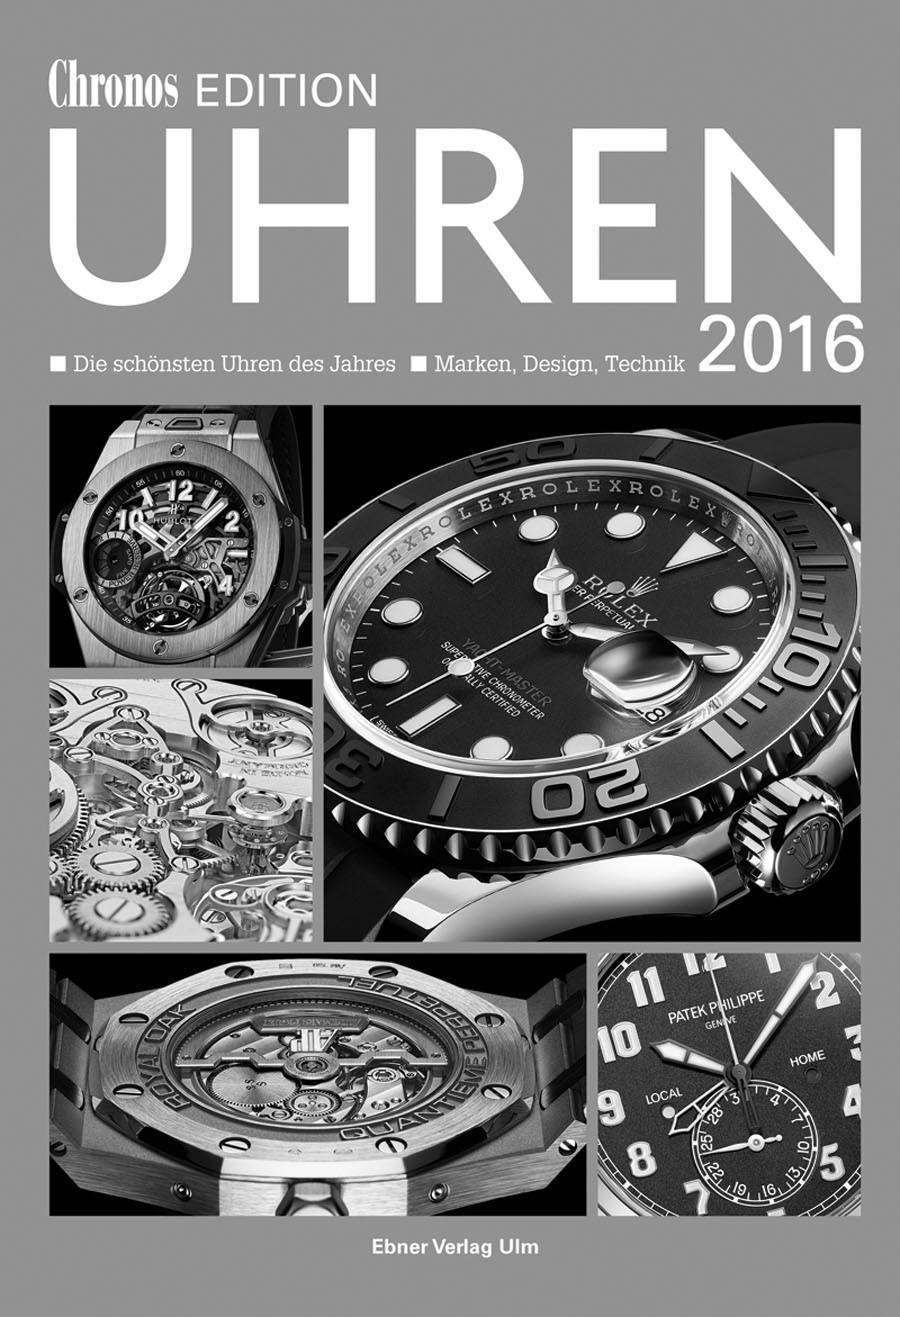 Online edition 2016 von hoher qualit t schweizer replica for Bauhaus replica deutschland